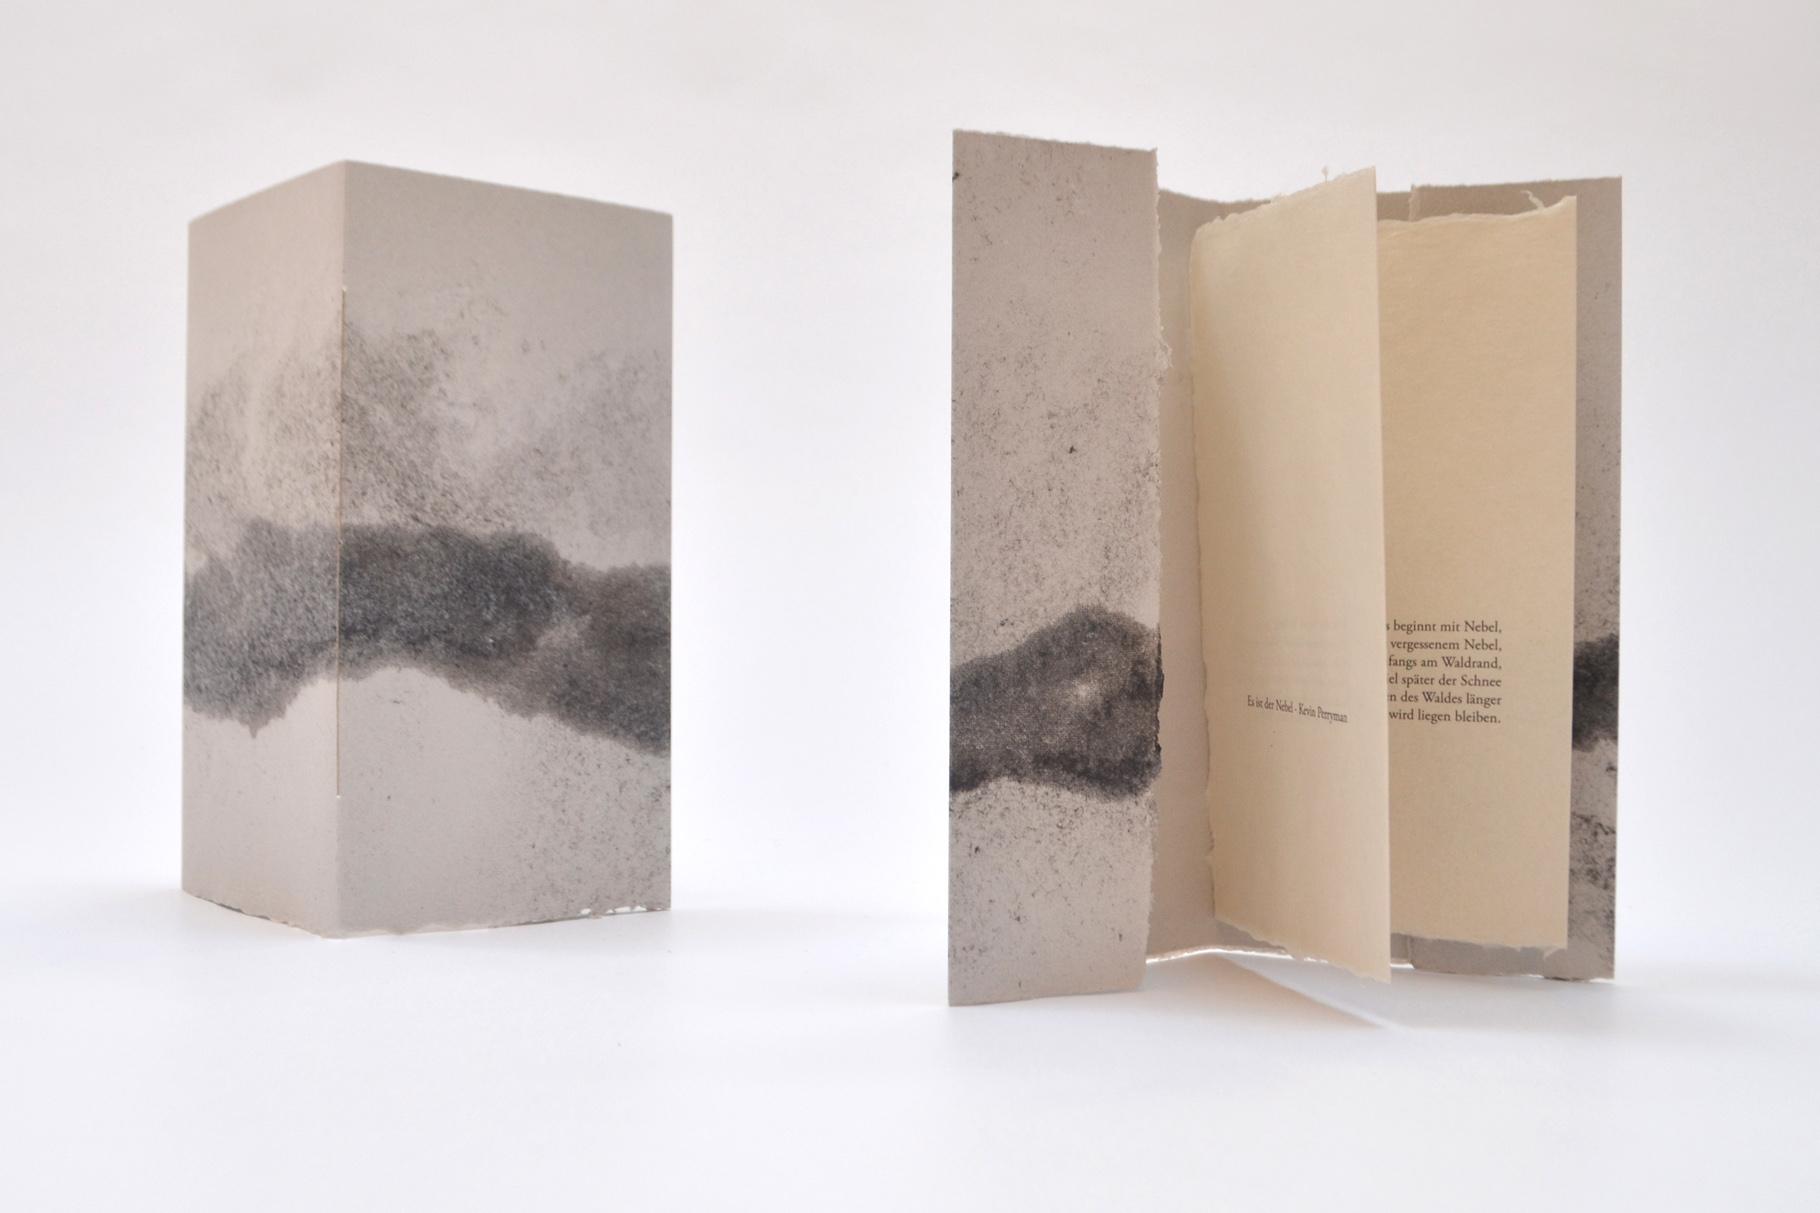 """""""Es ist der Nebel"""" (2015) - Ein Heft, gestaltet von John Gerard mit einem Gedicht von Kevin Perryman"""